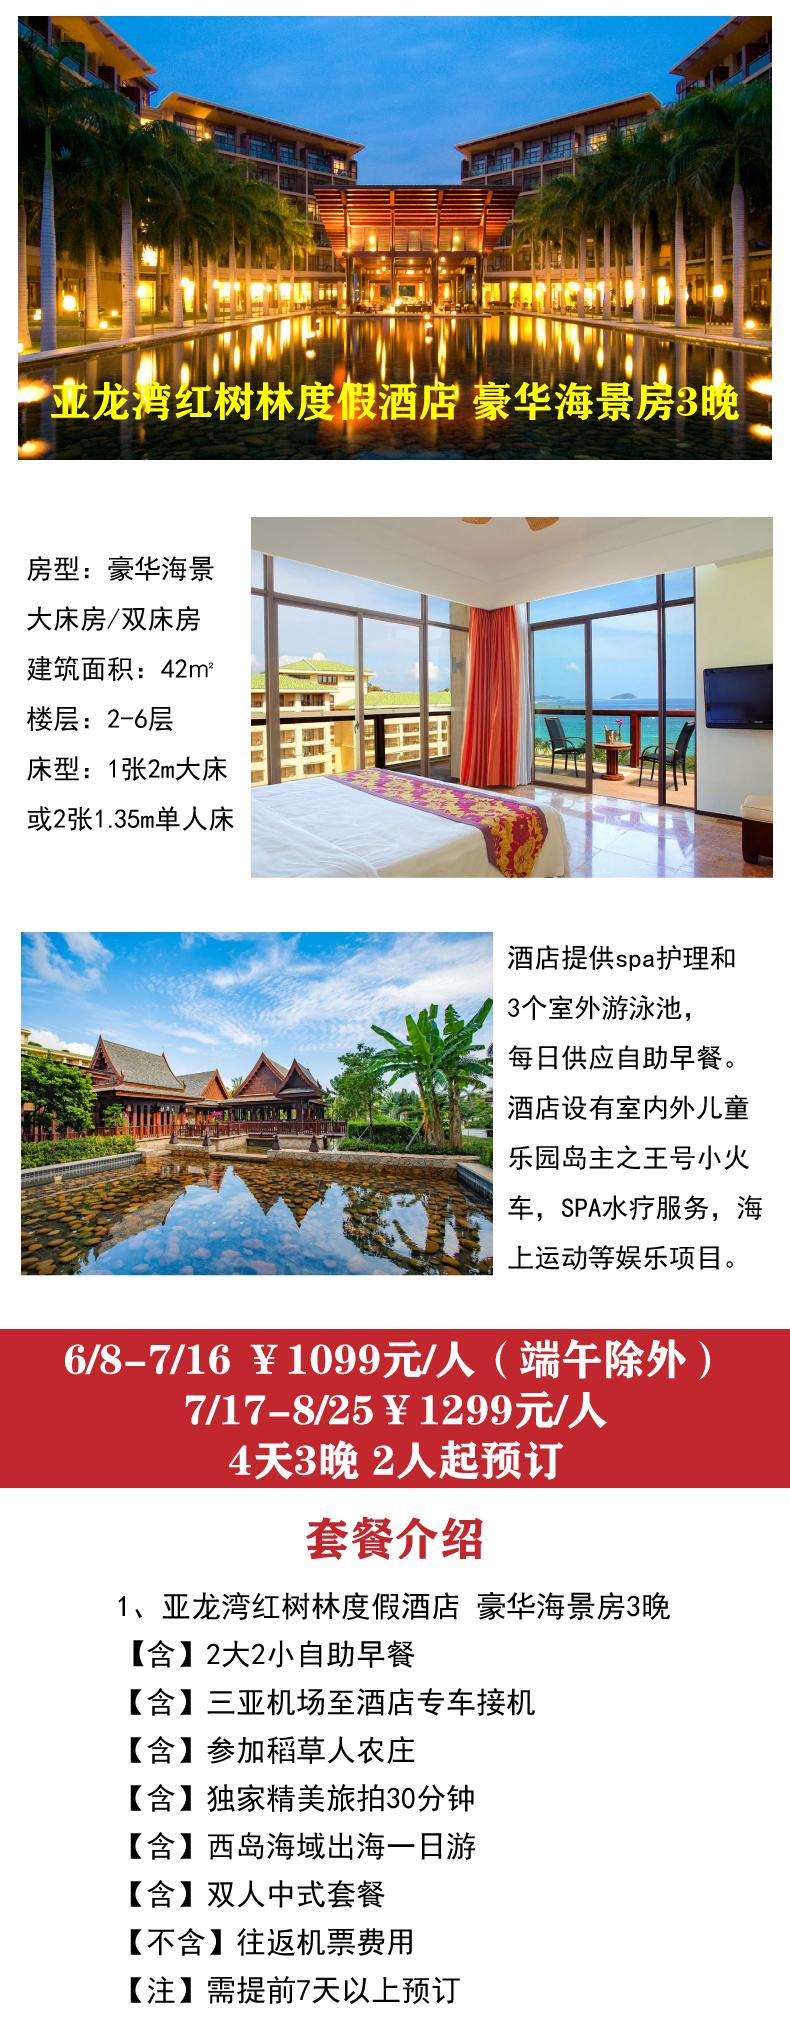 三亚亚龙湾红树林度假酒店-图文合并.jpg